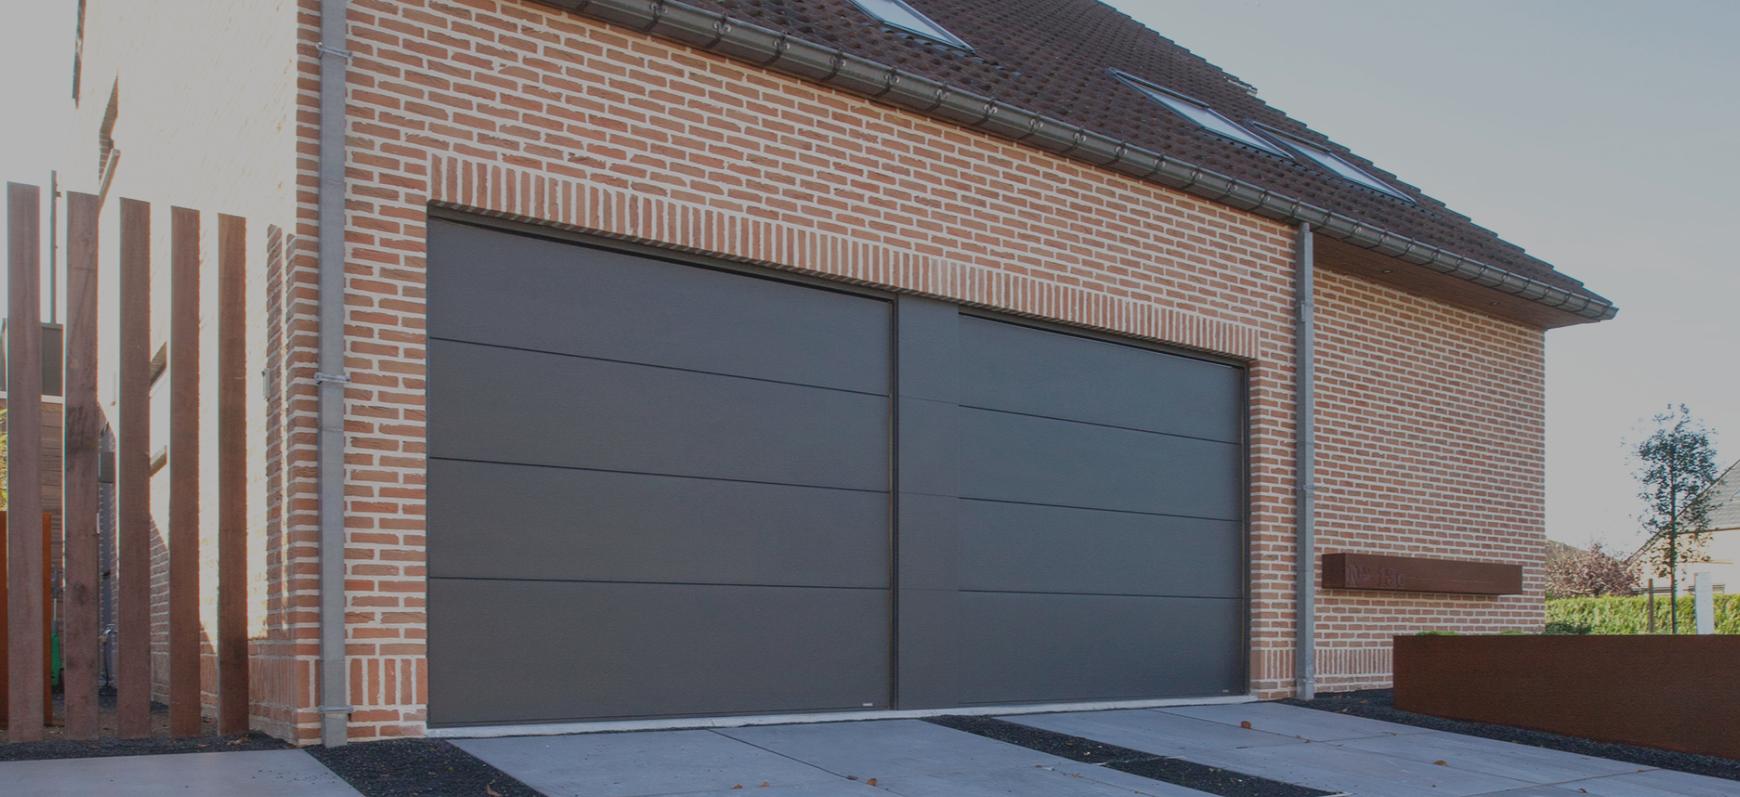 Porte de garage thermo scid portes et fen tres - Porte de garage double ...